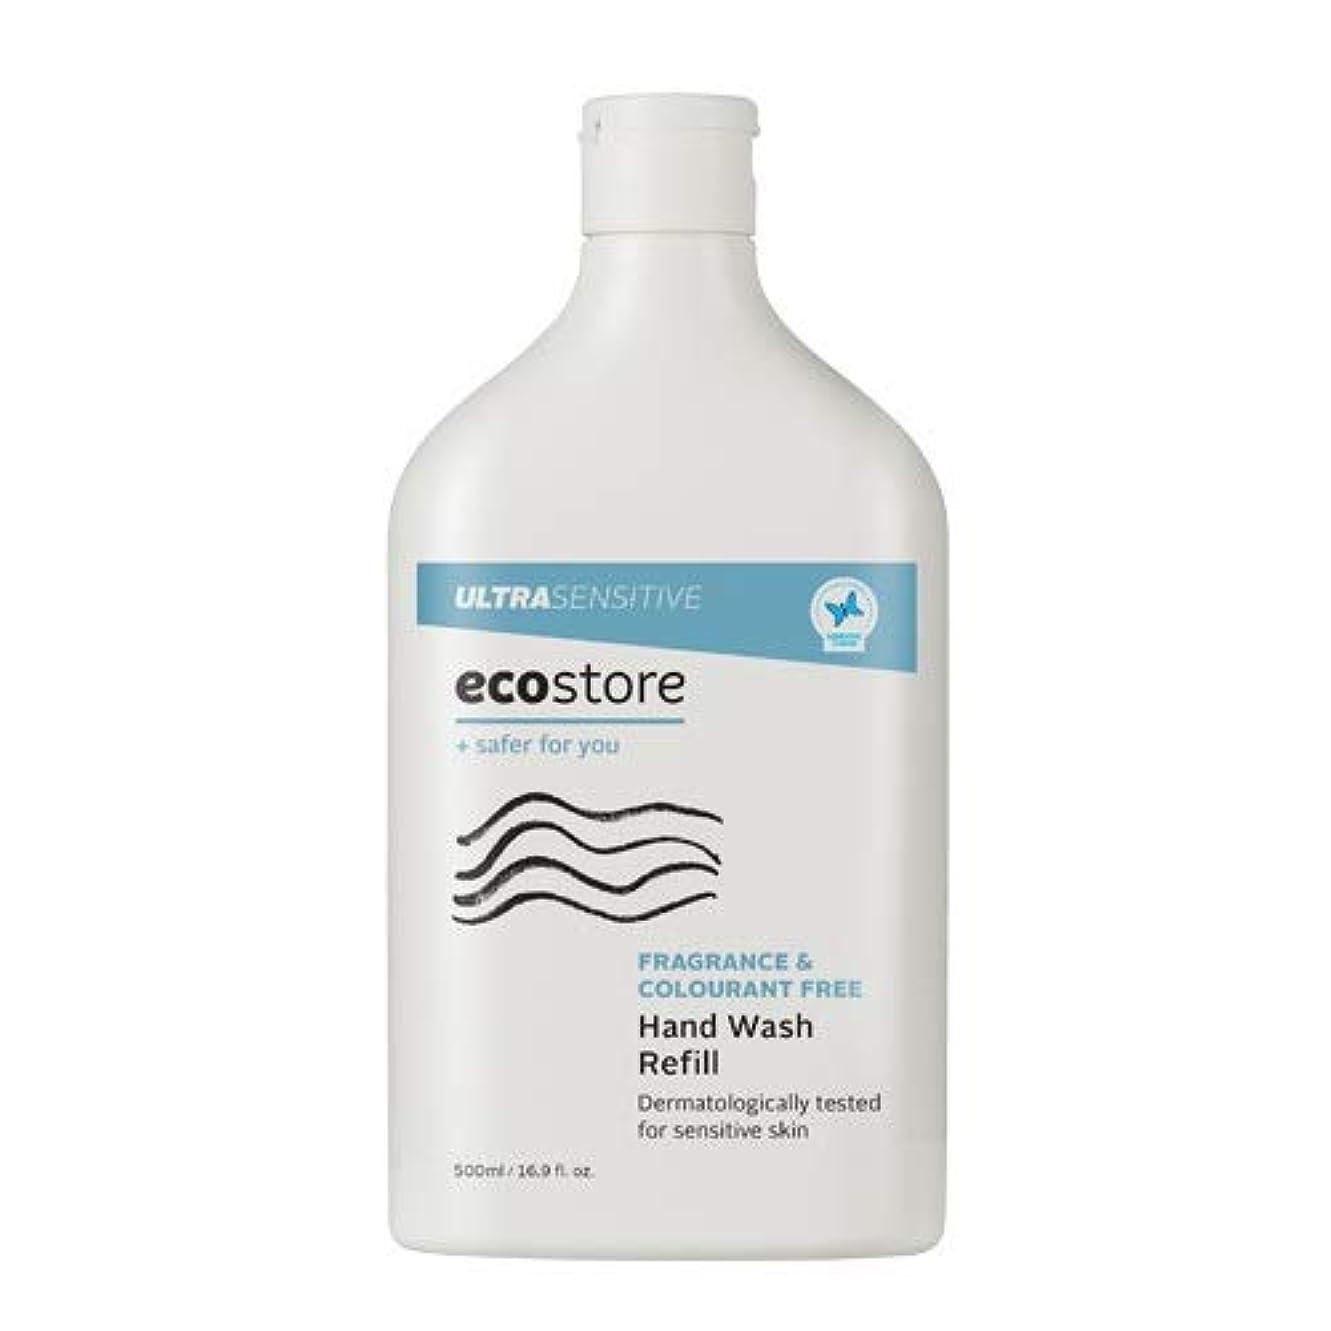 ジェムマーキー調整可能ecostore(エコストア) ハンドウォッシュ 【無香料】 500ml 詰め替え用 液体タイプ